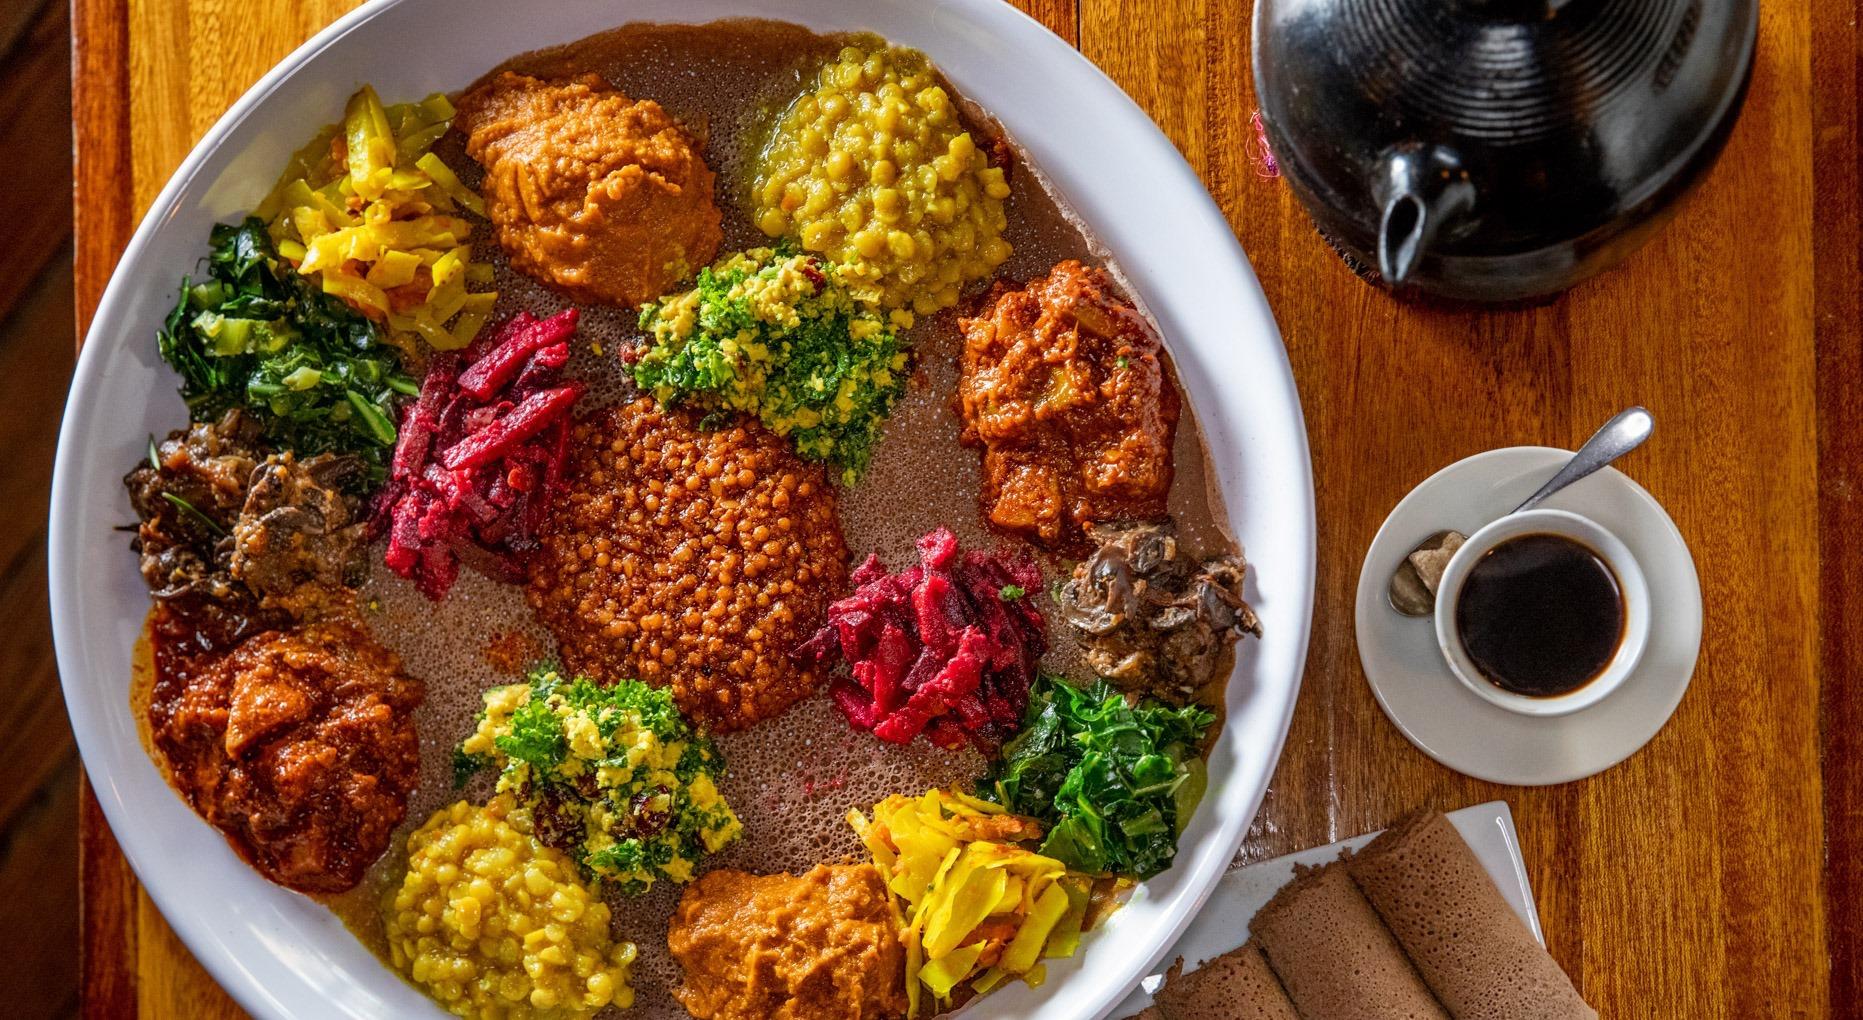 Best Vegan Restaurants in NYC 2020